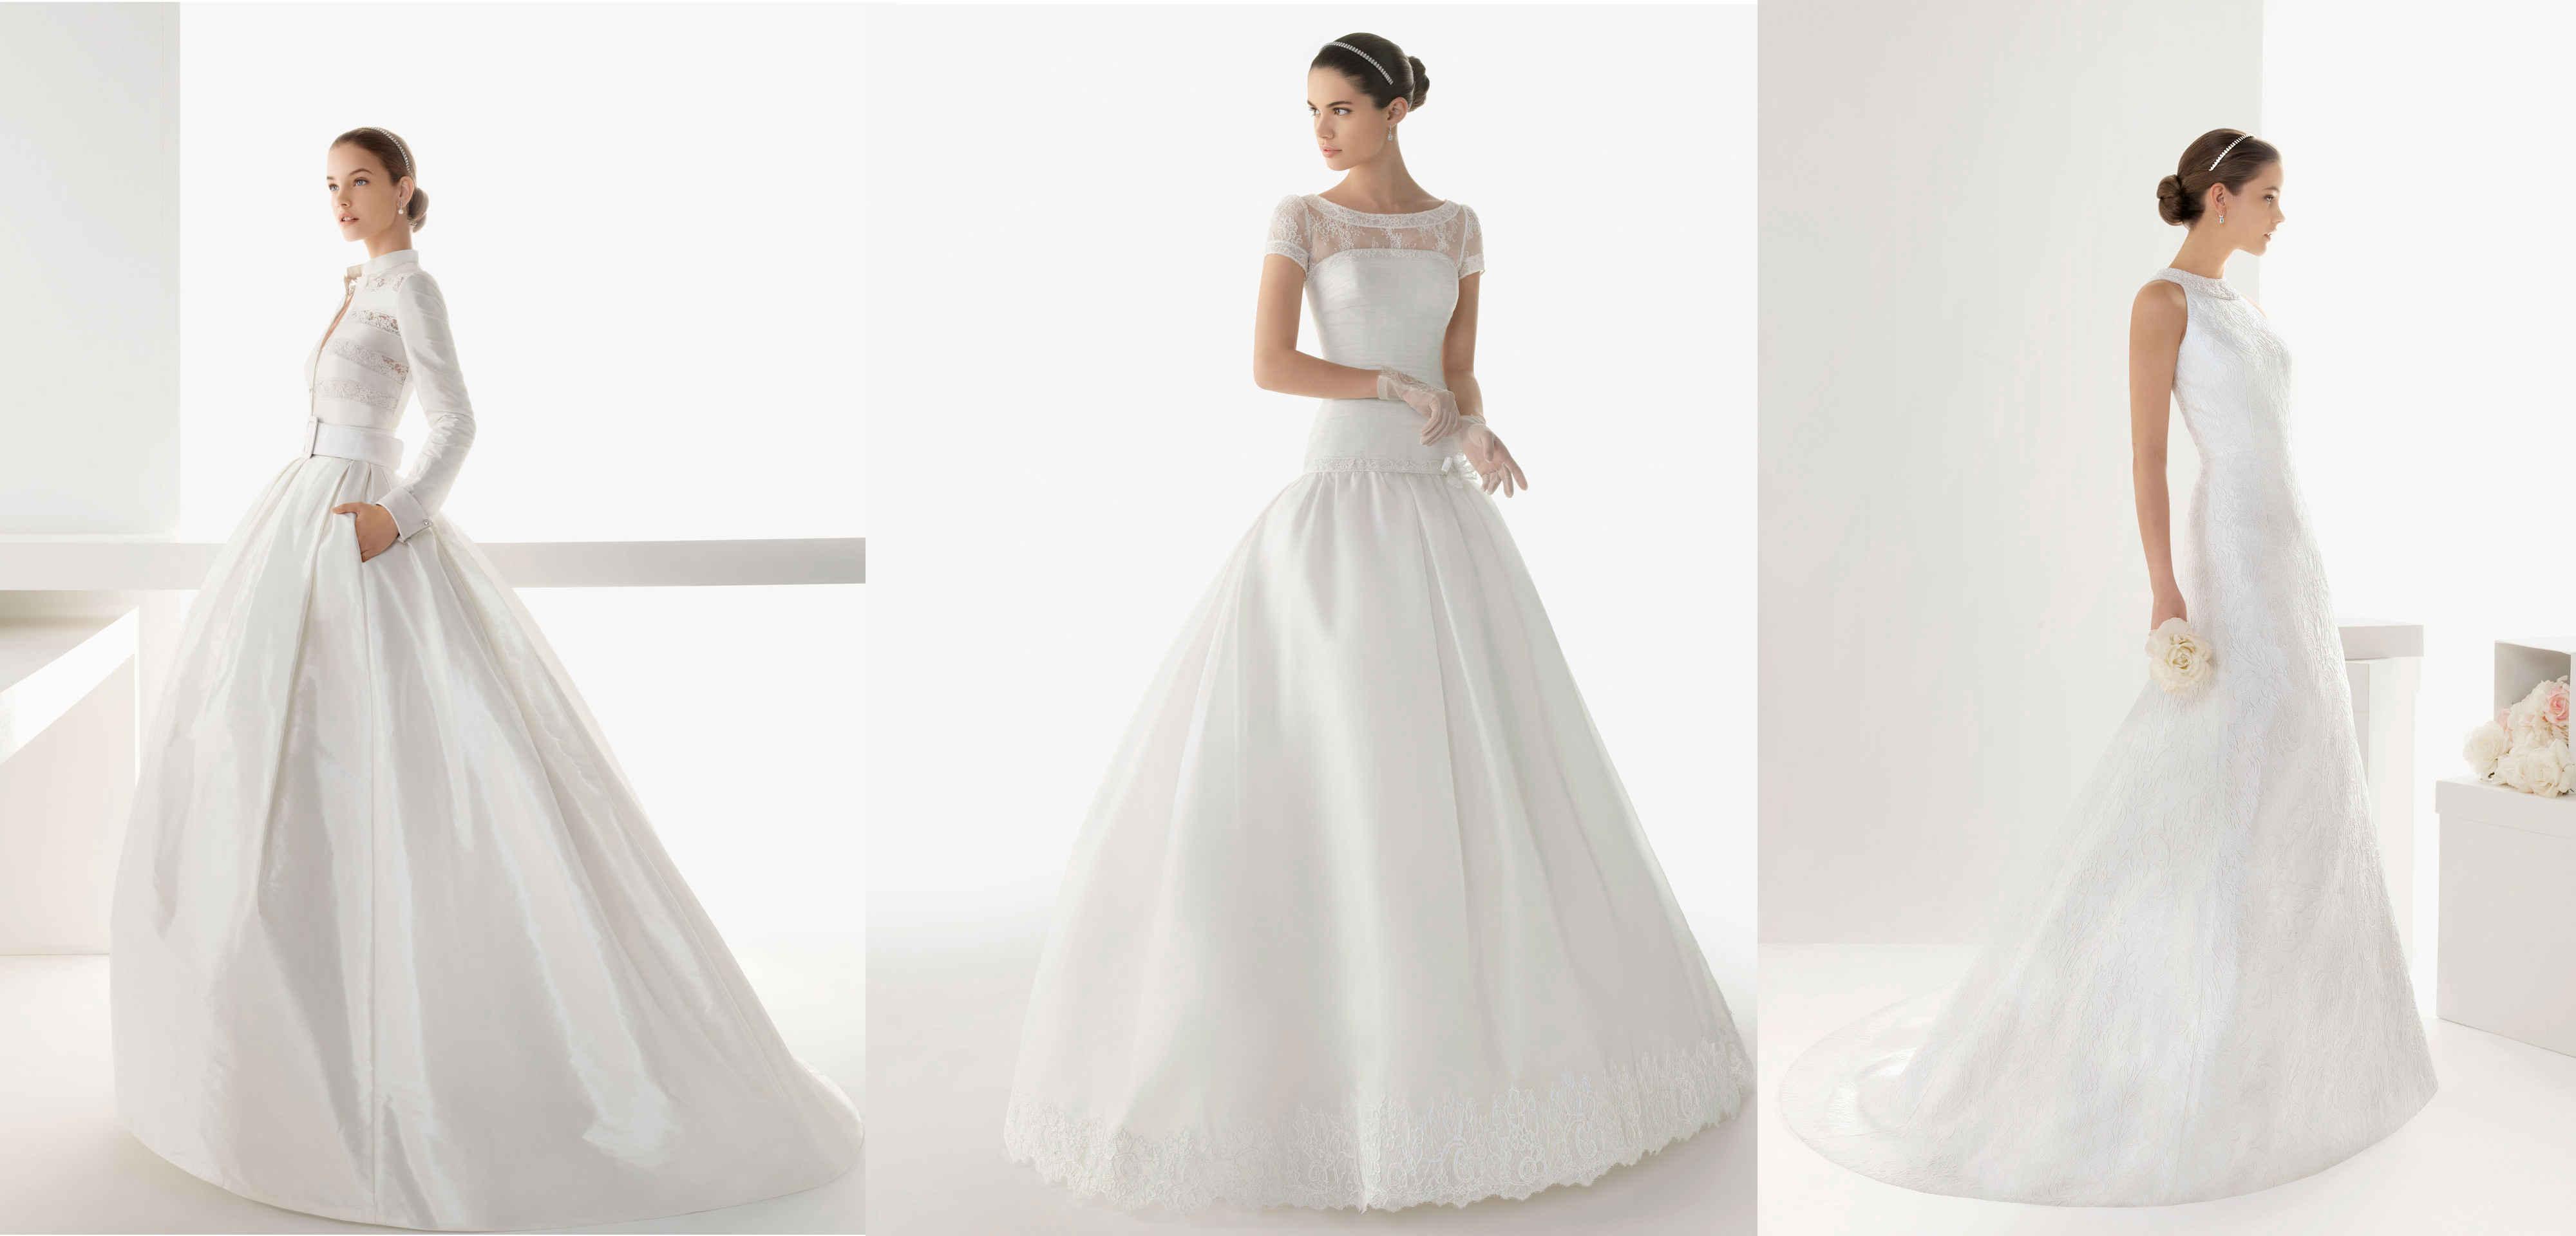 compra online complementos vestidos novia ceremonia